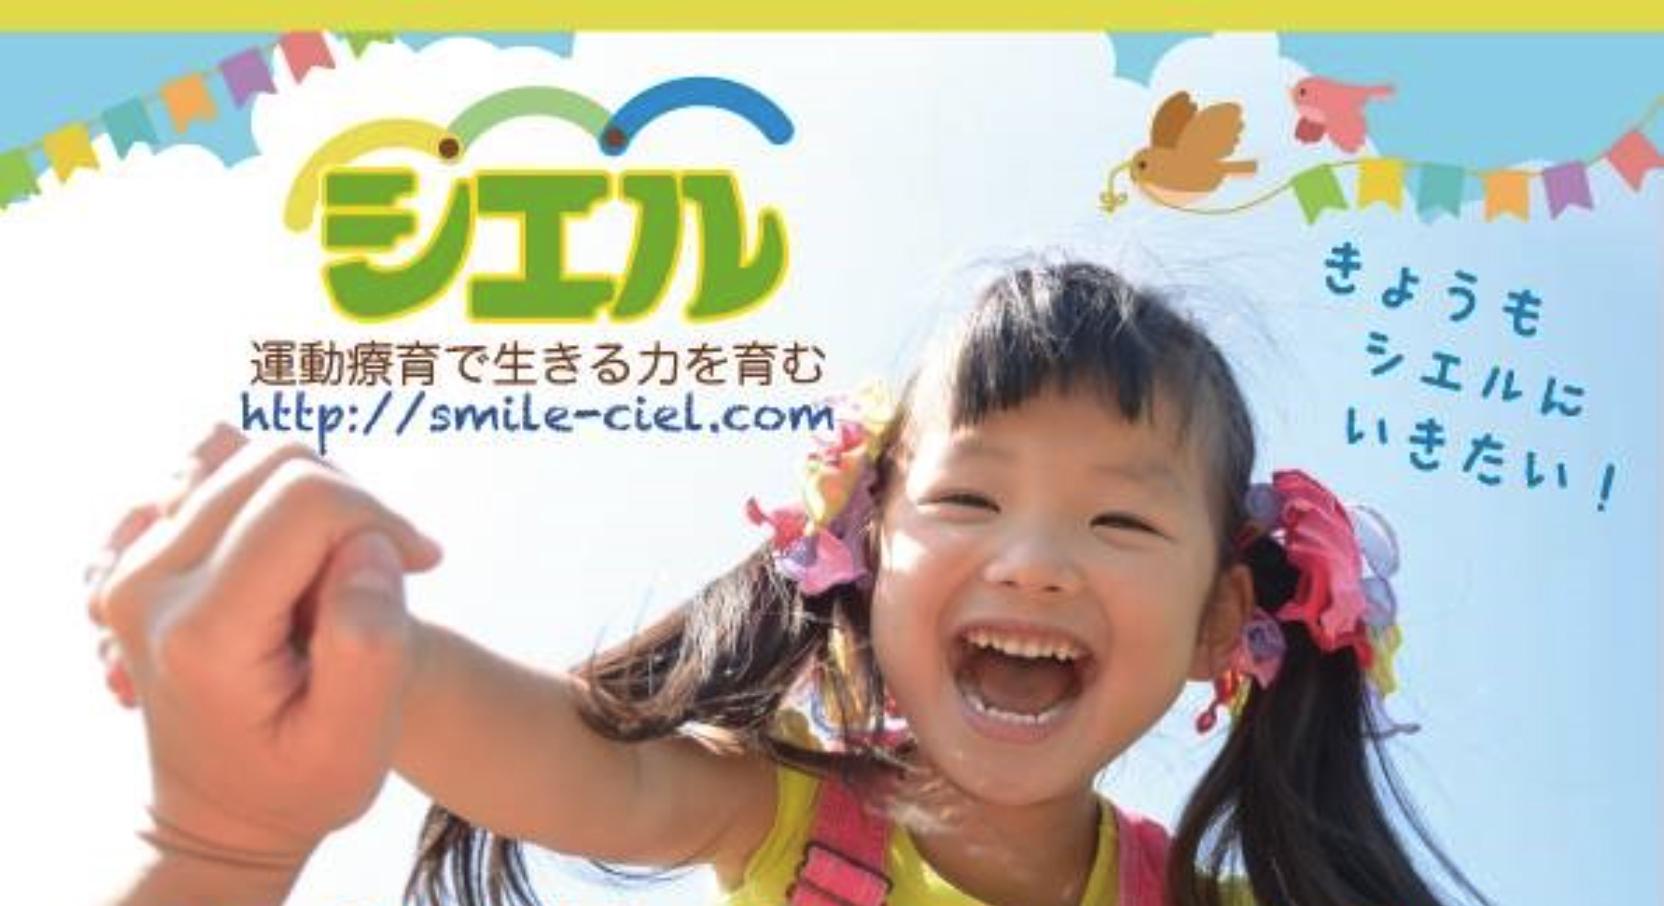 【パート・アルバイト】運動療育で生きる力を育む!児童発達支援教室でのお仕事